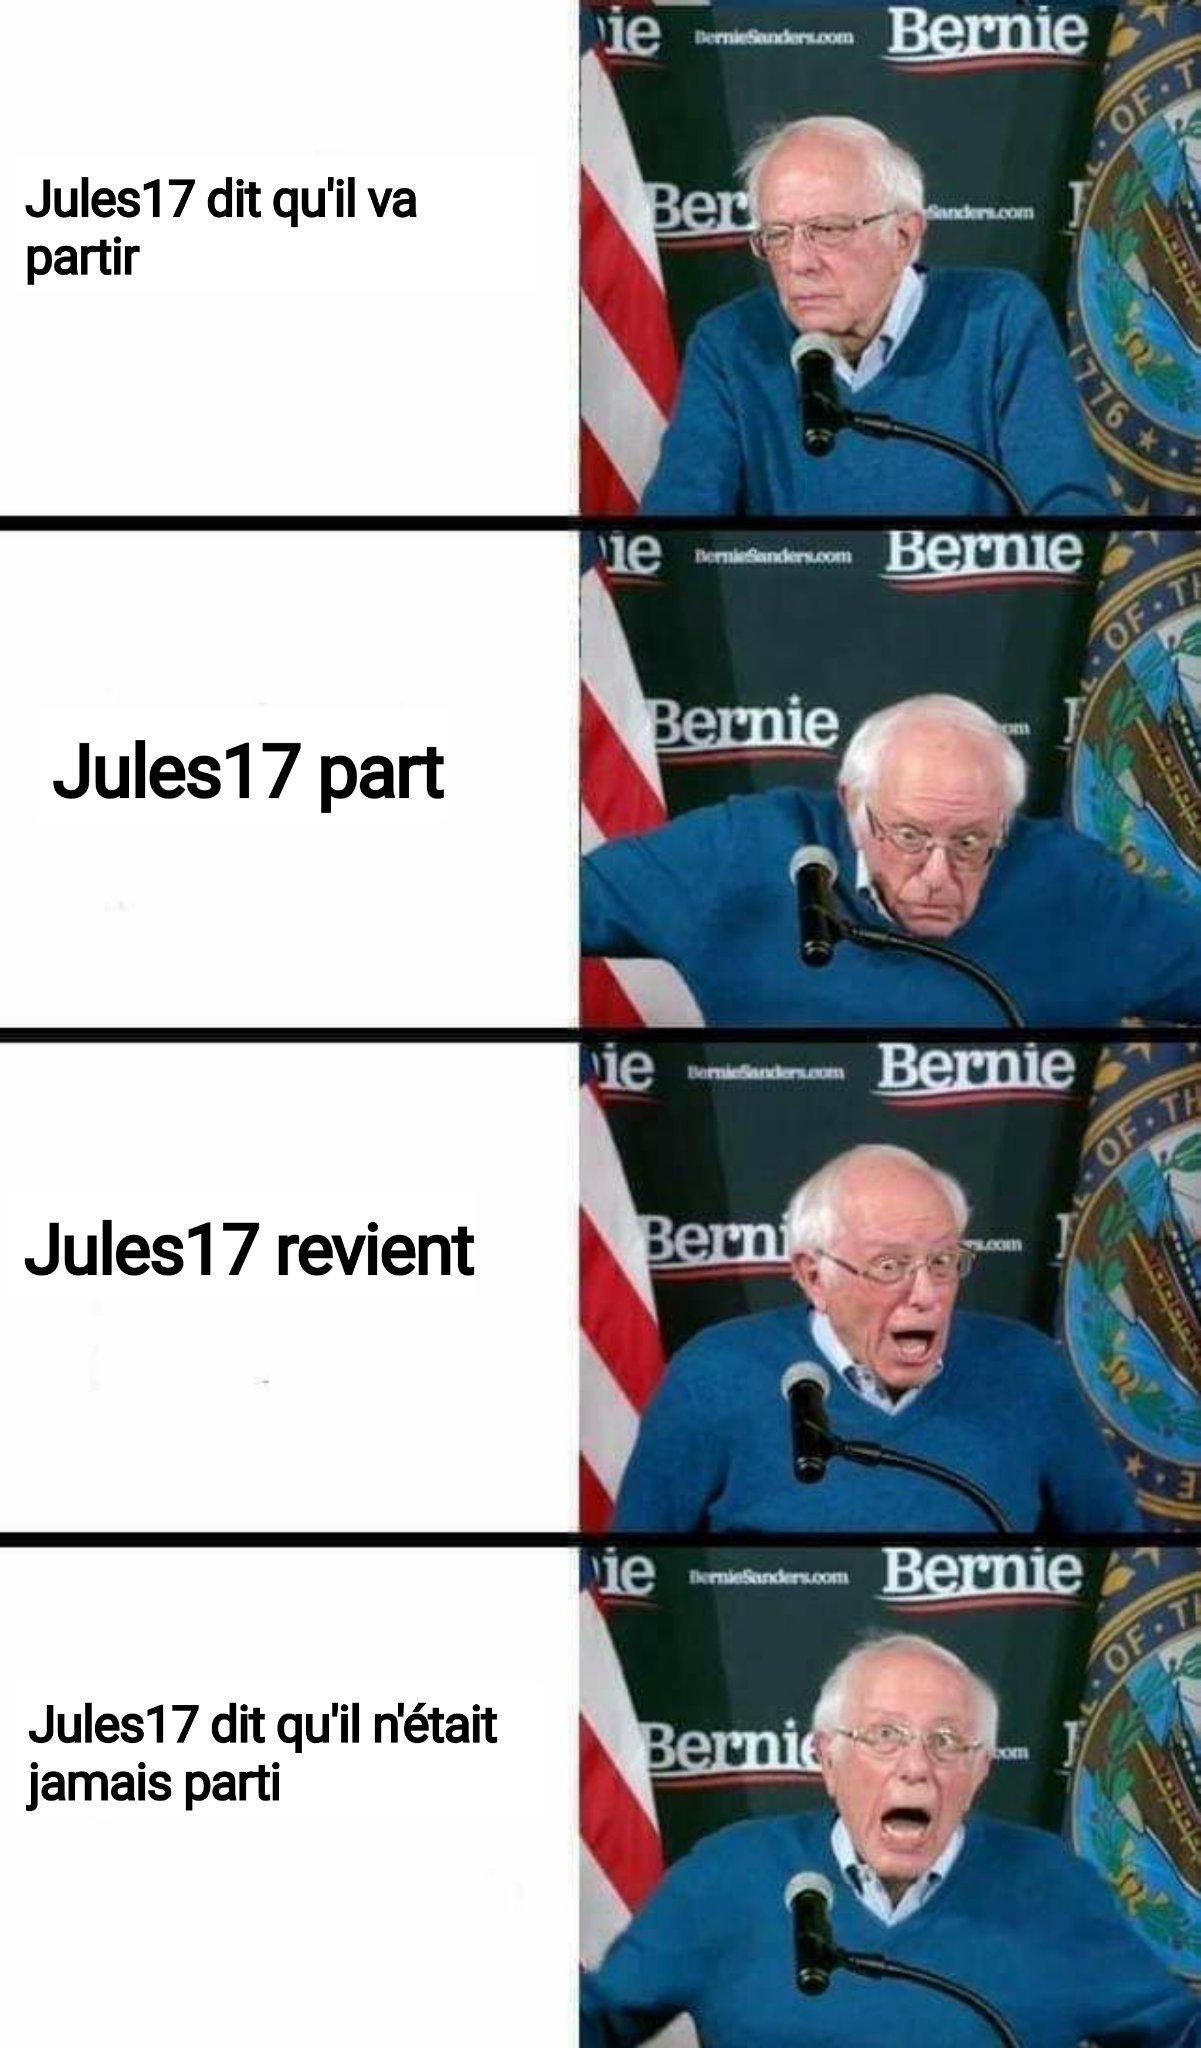 Cette blague très enrichissante - meme